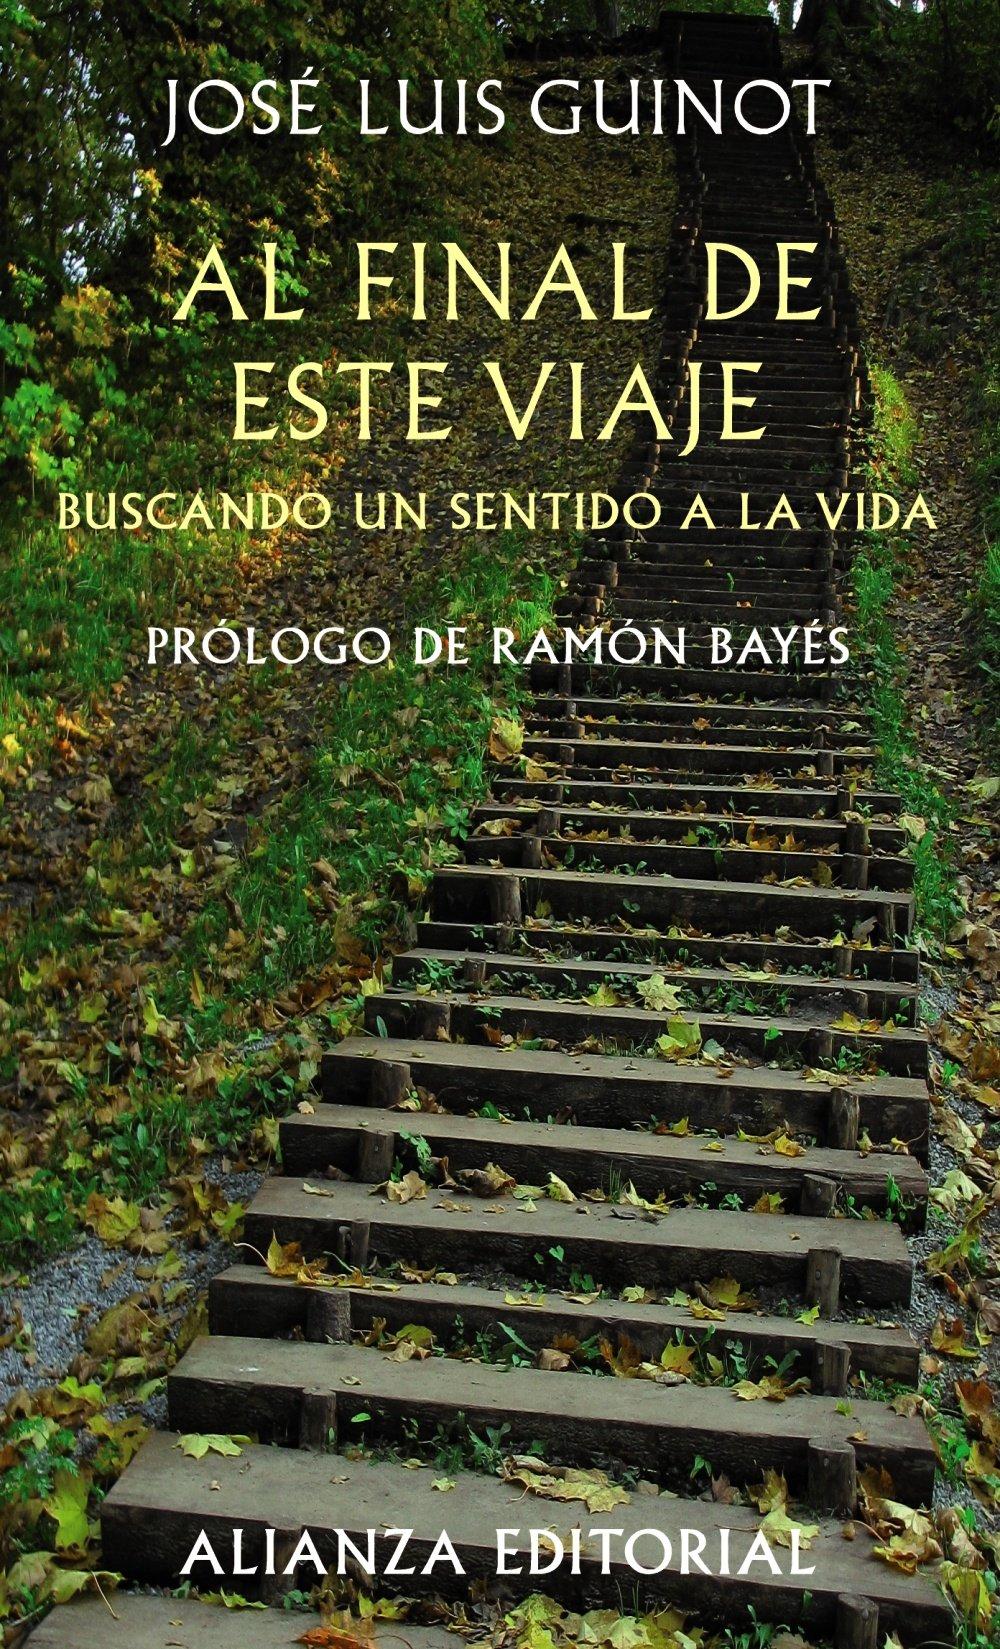 Al final de este viaje: Buscando un sentido a la vida Libros Singulares Ls: Amazon.es: Guinot Rodríguez, José Luis: Libros